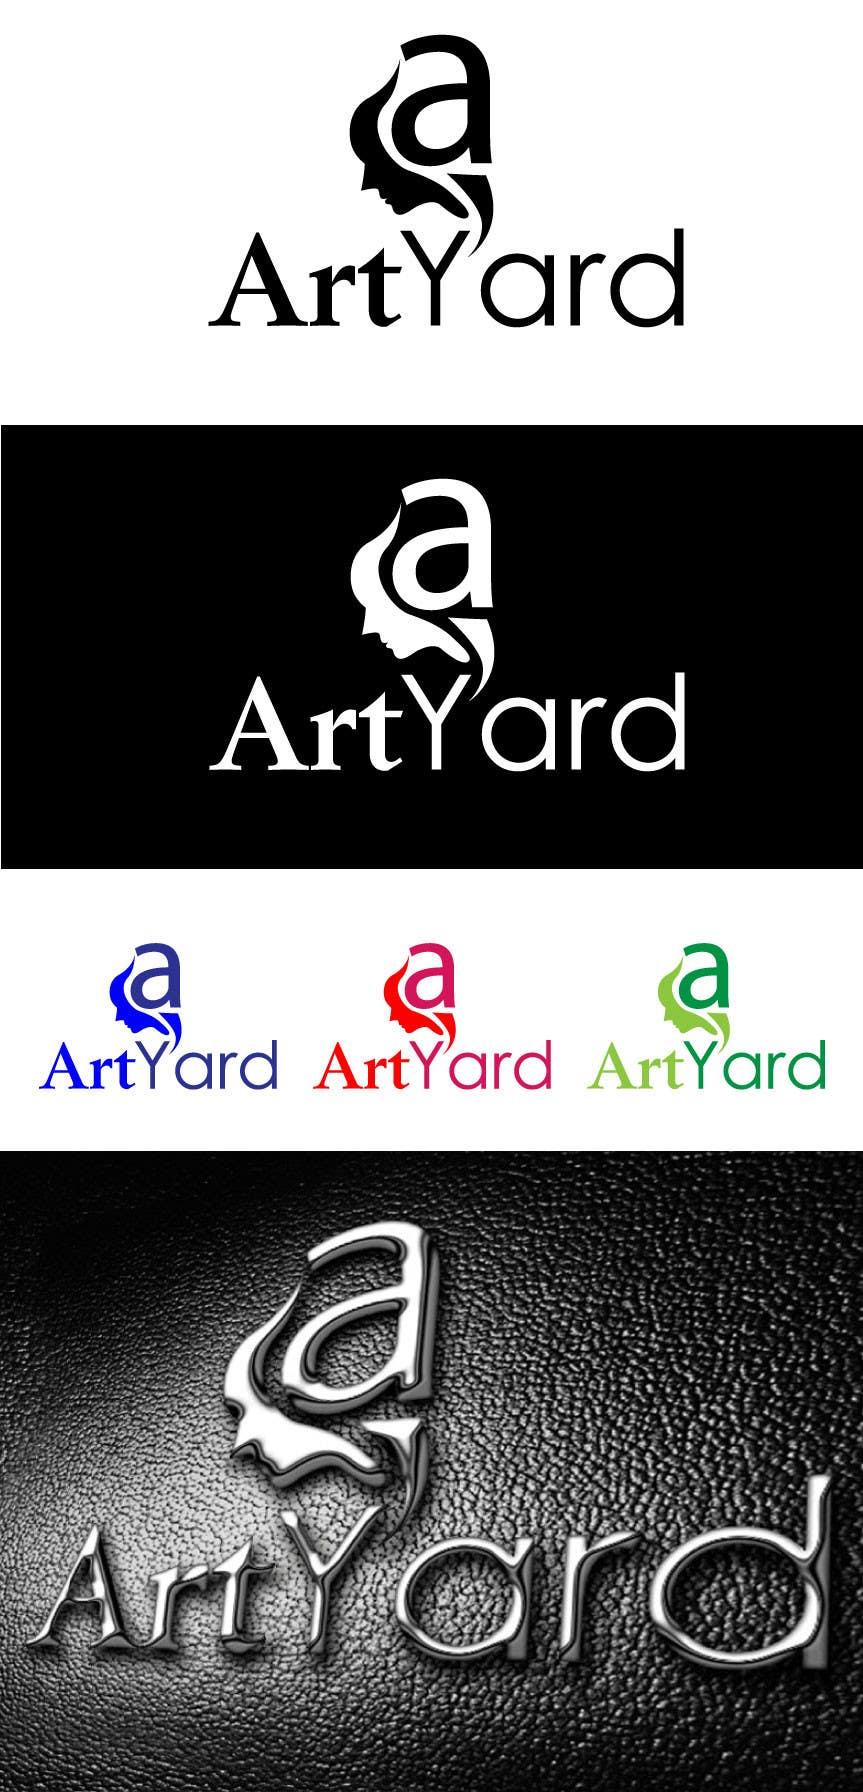 Inscrição nº 153 do Concurso para Design a Logo for Art Yard